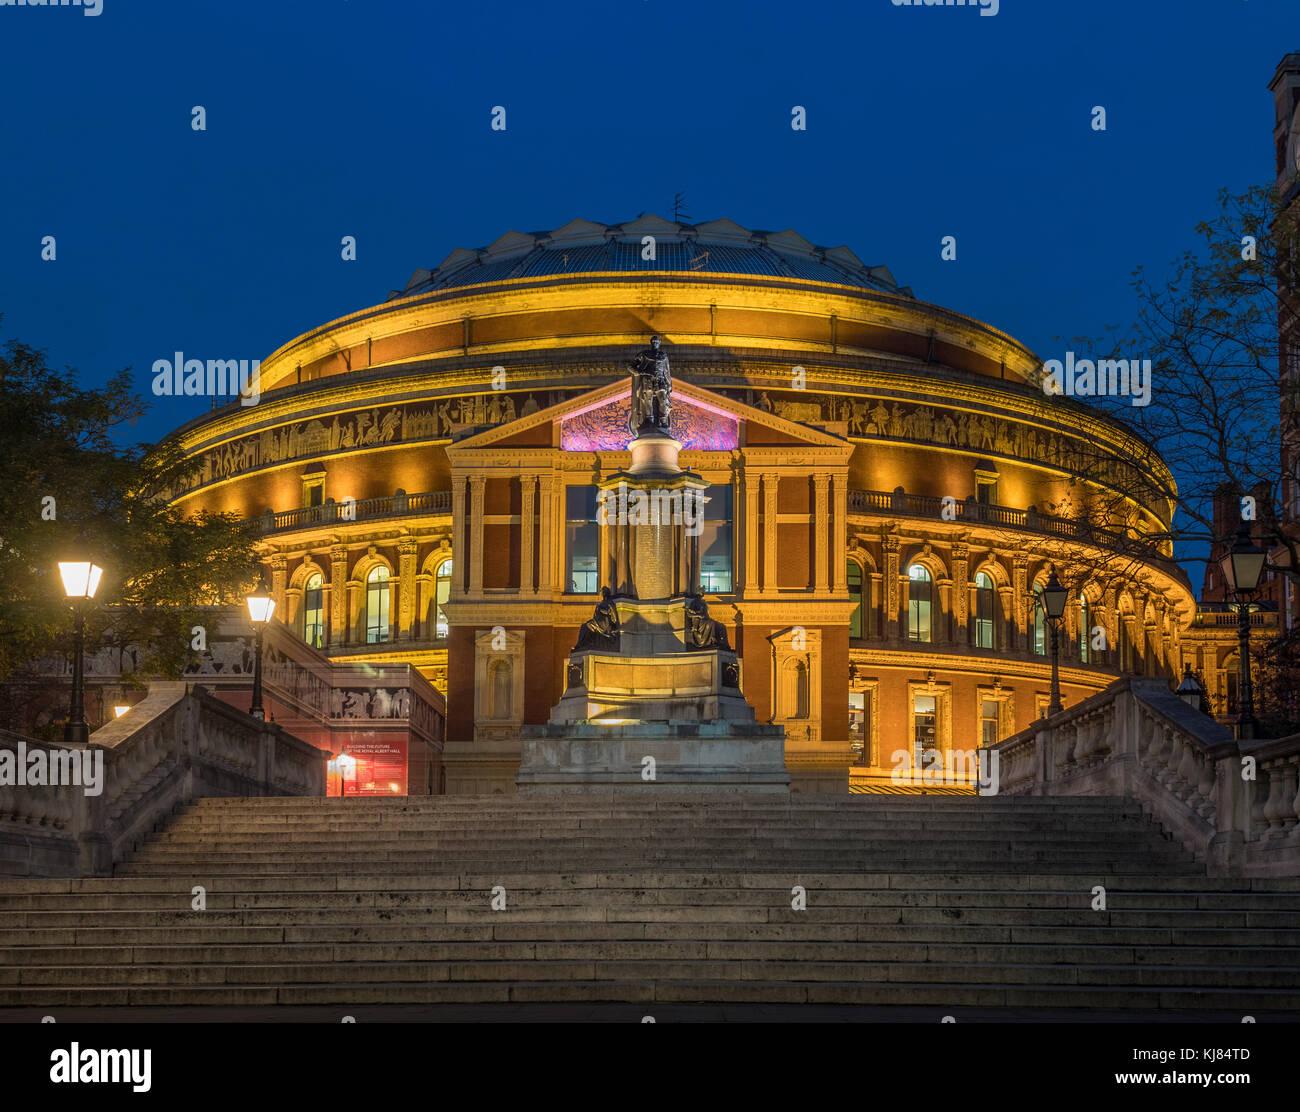 Queen Elizabeth II Diamond Giubileo passi, Royal Albert Hall di Londra, Regno Unito al crepuscolo Immagini Stock